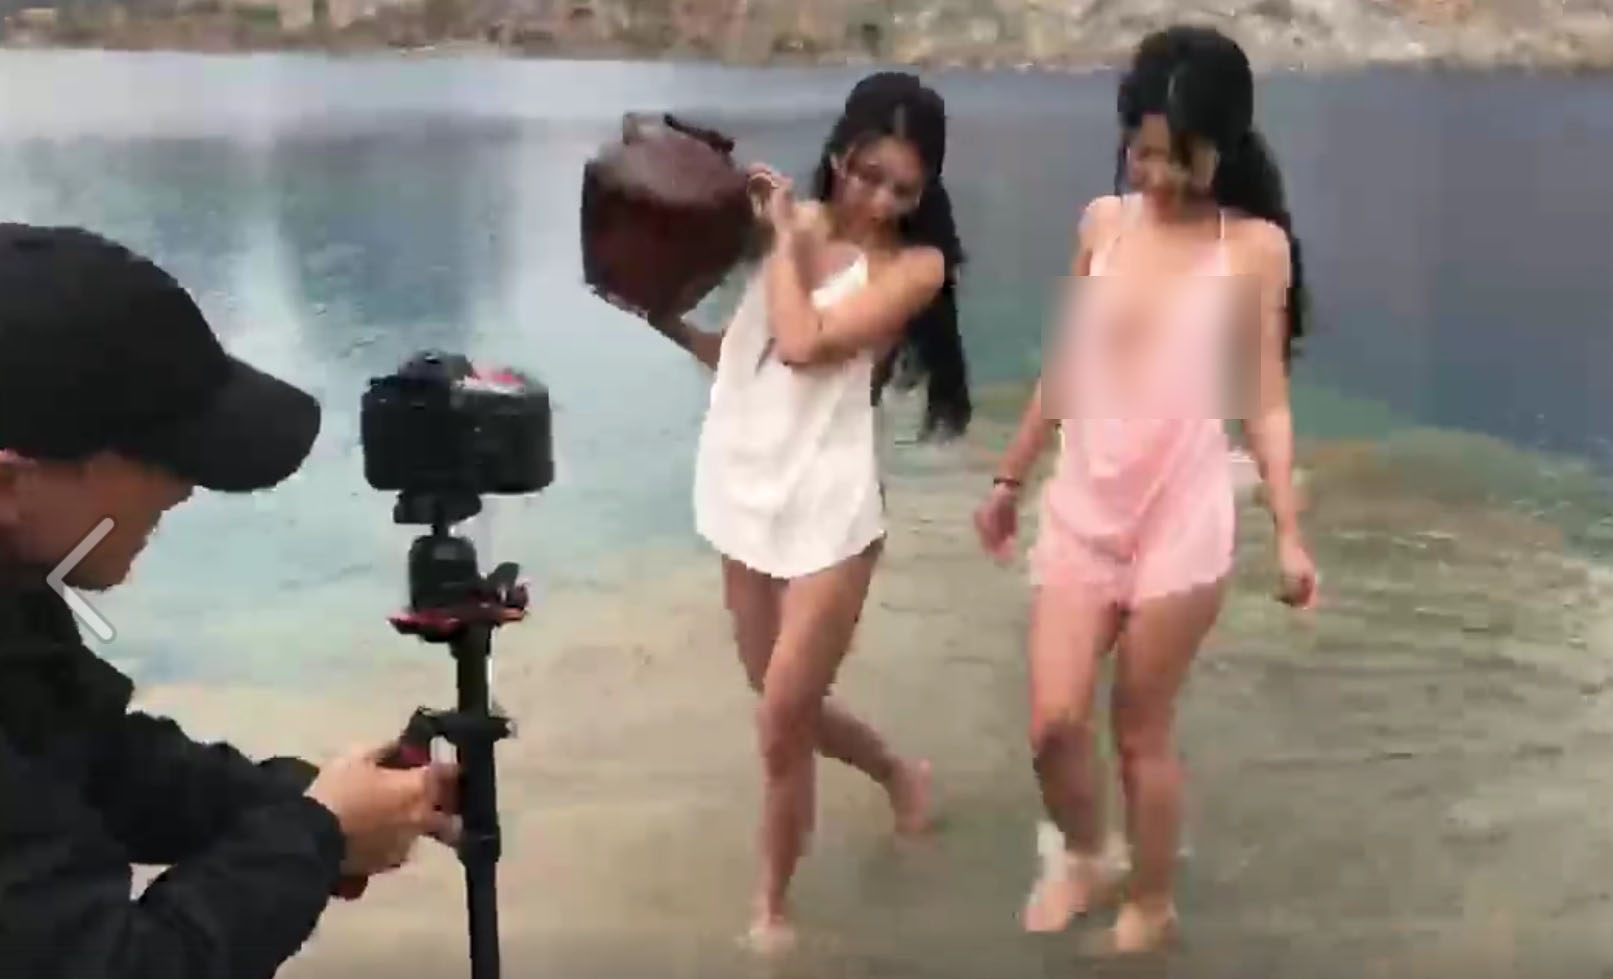 Những hình ảnh hậu trường của buổi chụp ảnh gợi cảm tại hồ nước xanh khiến dân mạng choáng váng